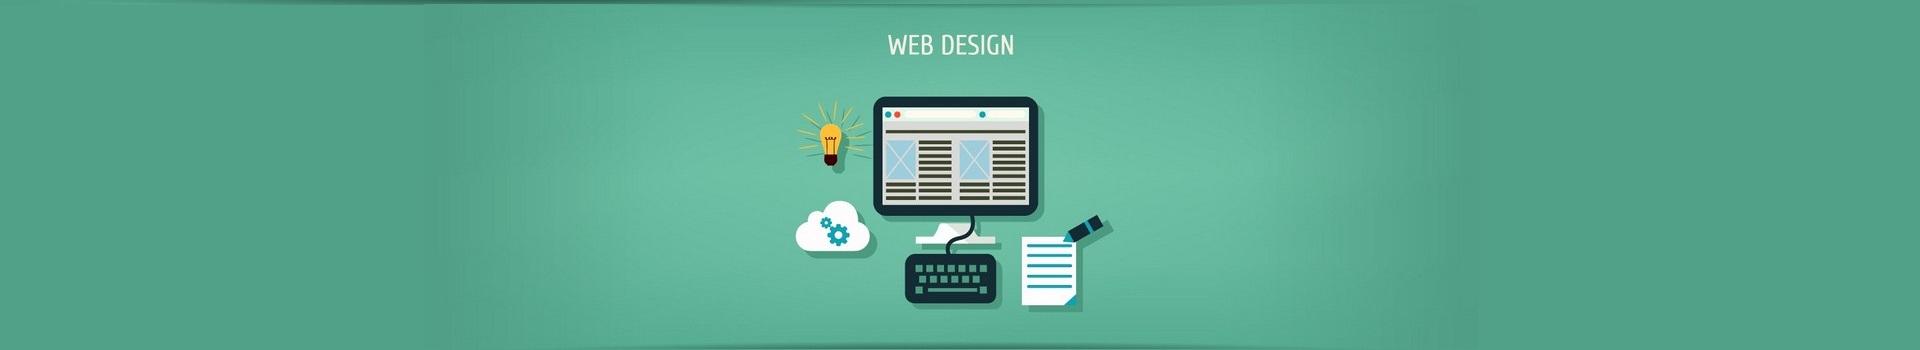 web-1600x1200